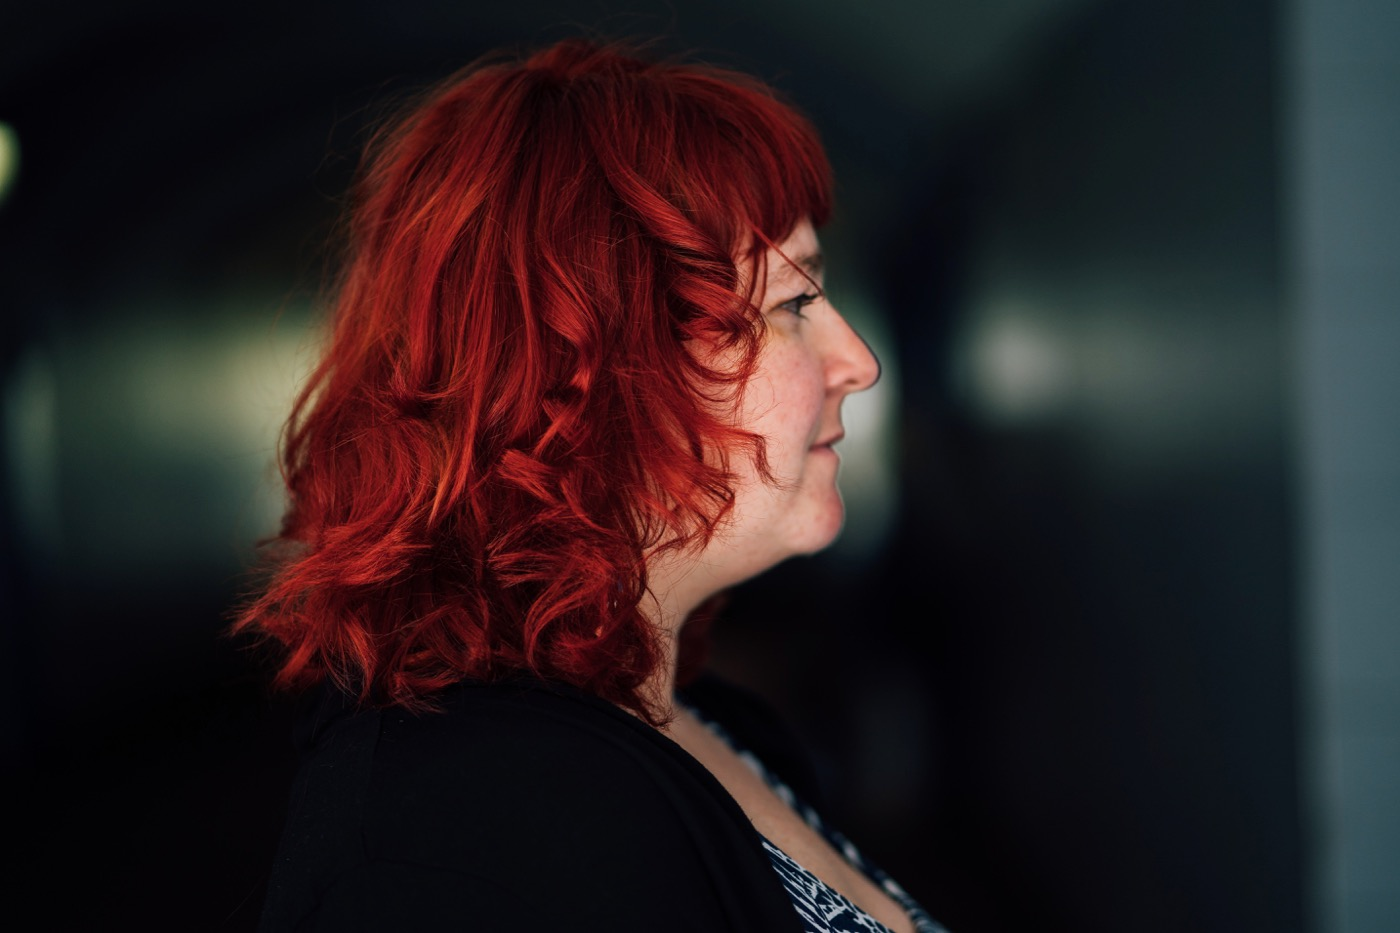 Kritik übt Magda Albrecht besonders an der Weltgesundheitsorganisation.